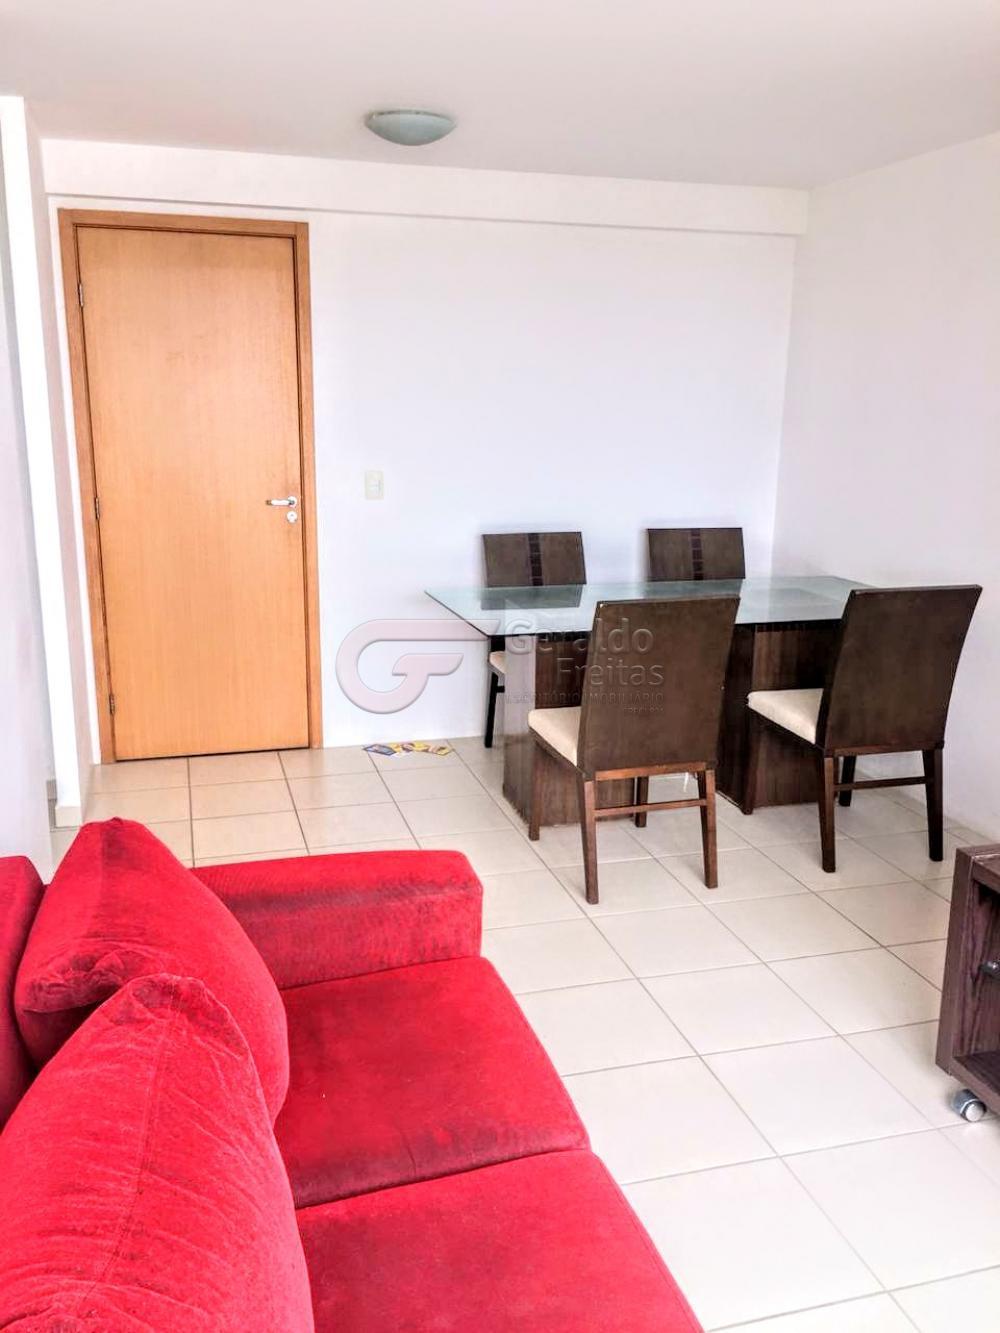 Comprar Apartamentos / Padrão em Maceió apenas R$ 190.000,00 - Foto 1